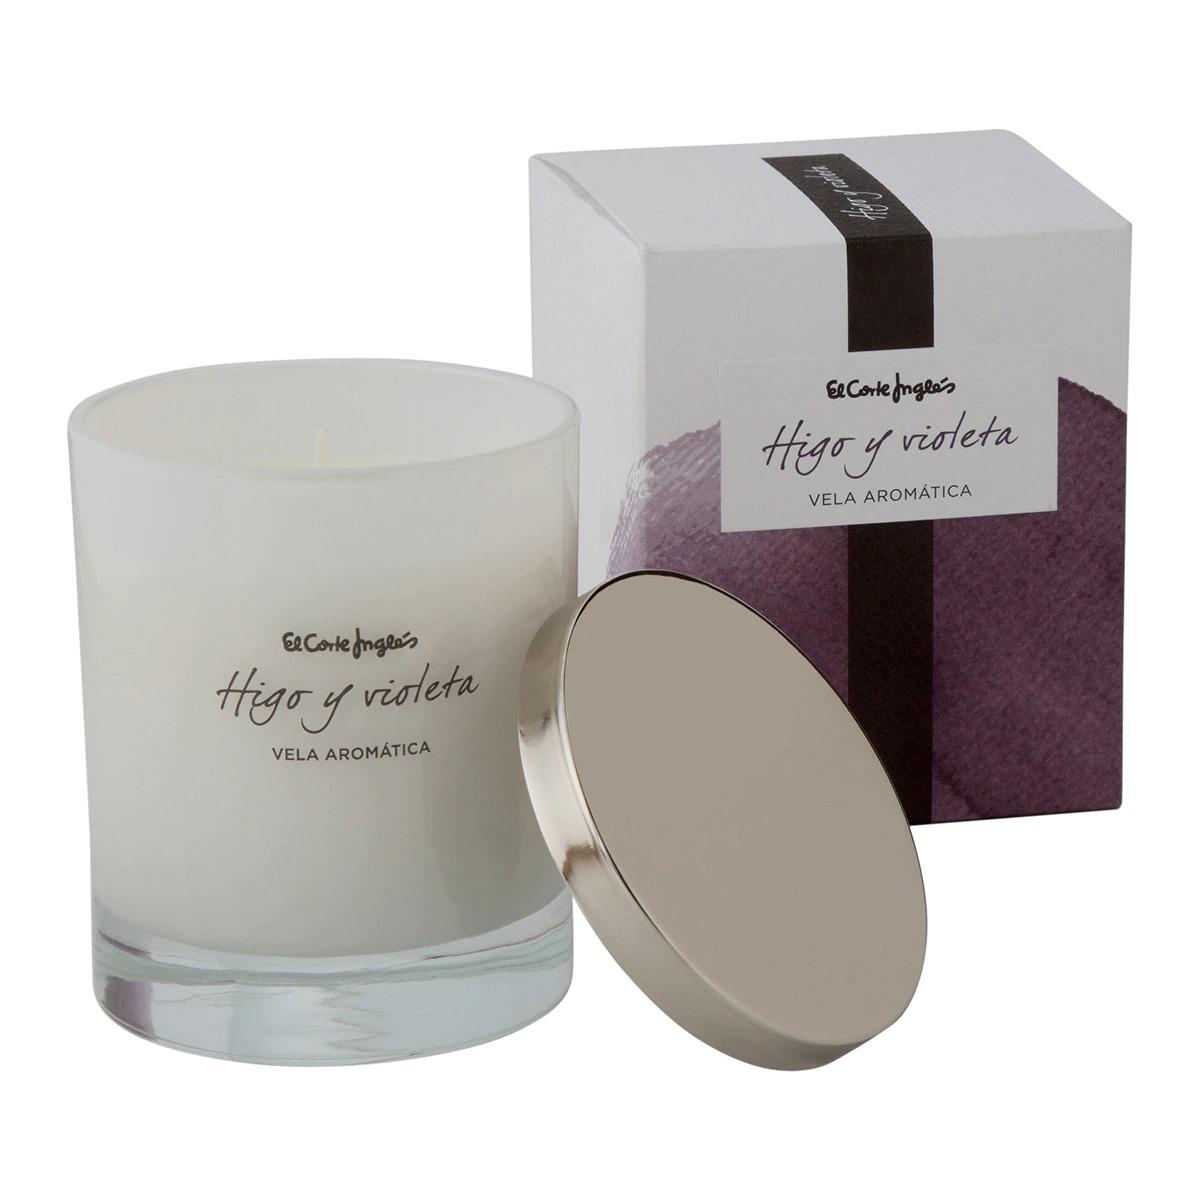 Vela perfumada en vaso Higo y violeta El Corte Inglés